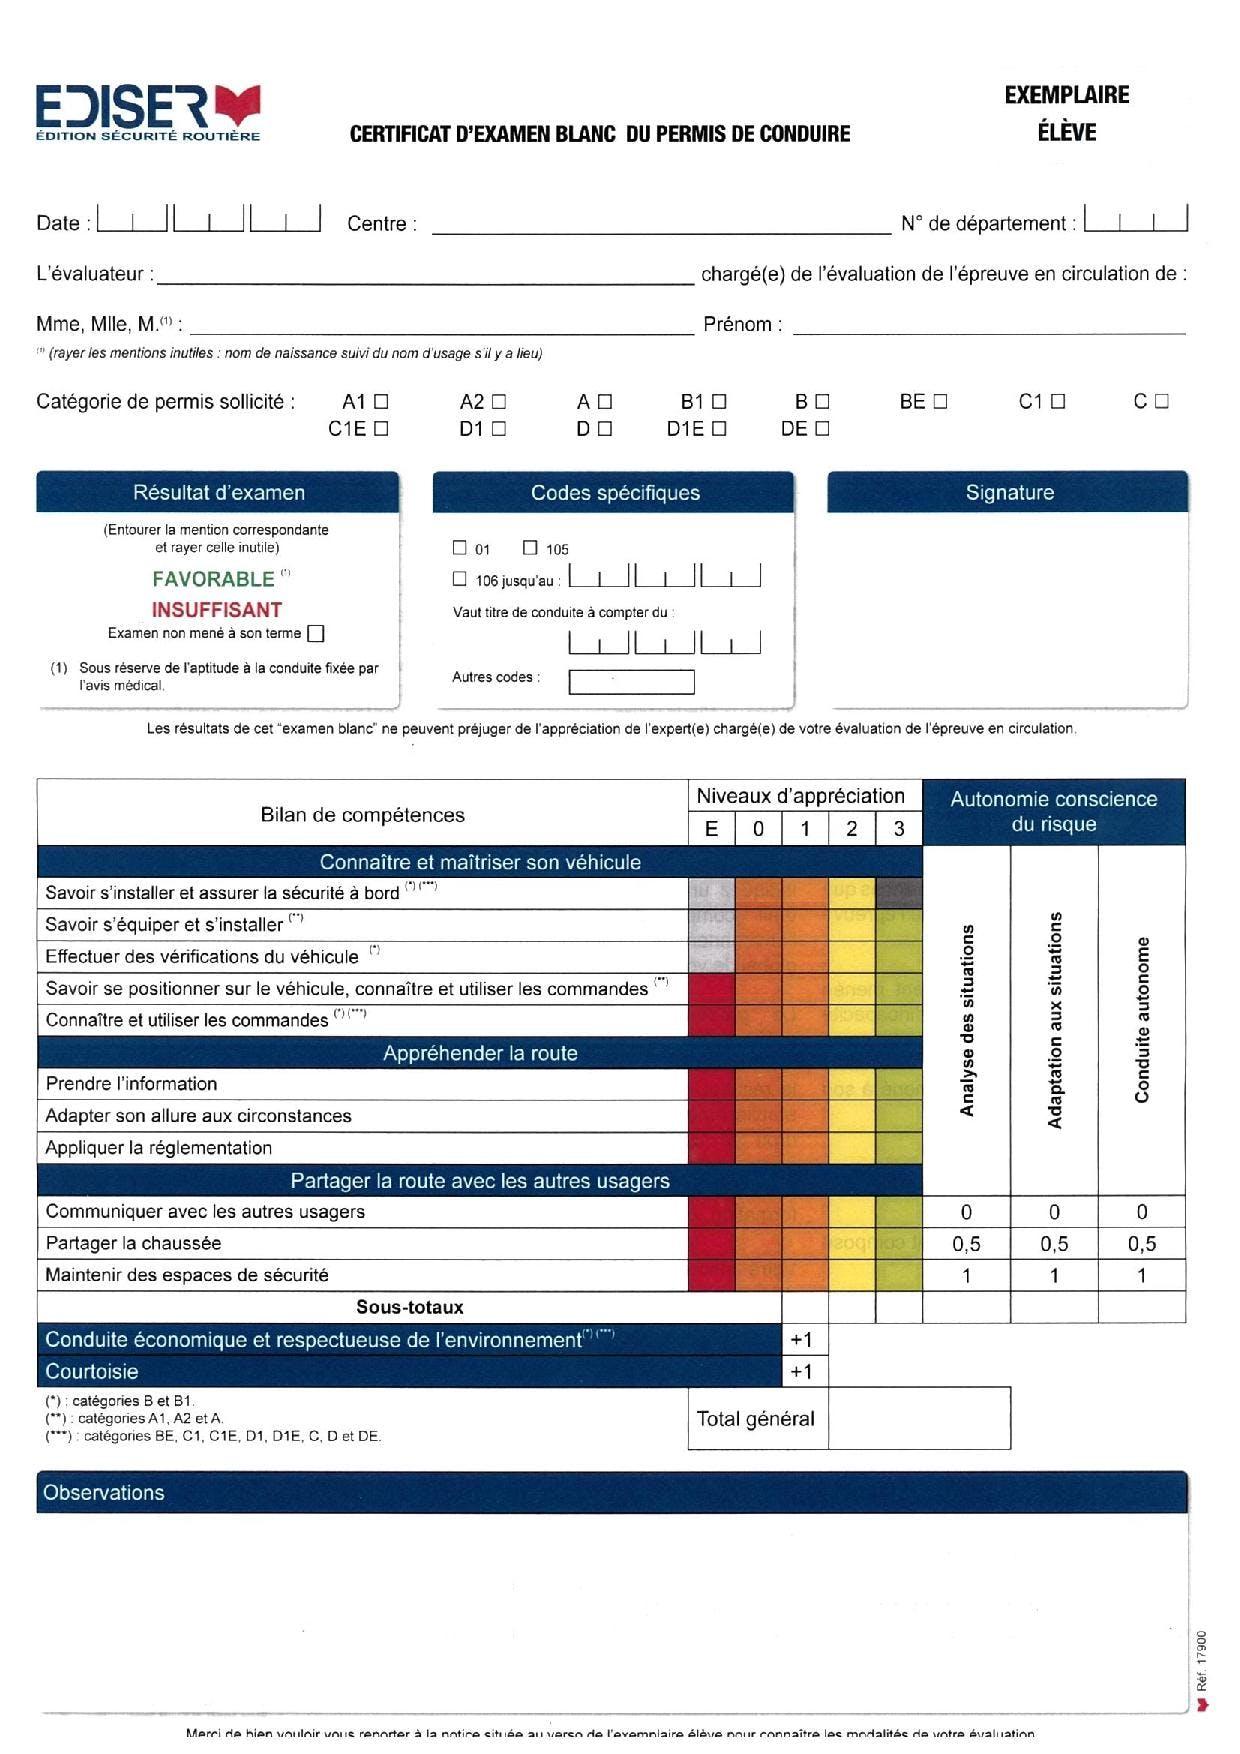 La grille d'évaluation de l'épreuve pratique du permis de conduire.